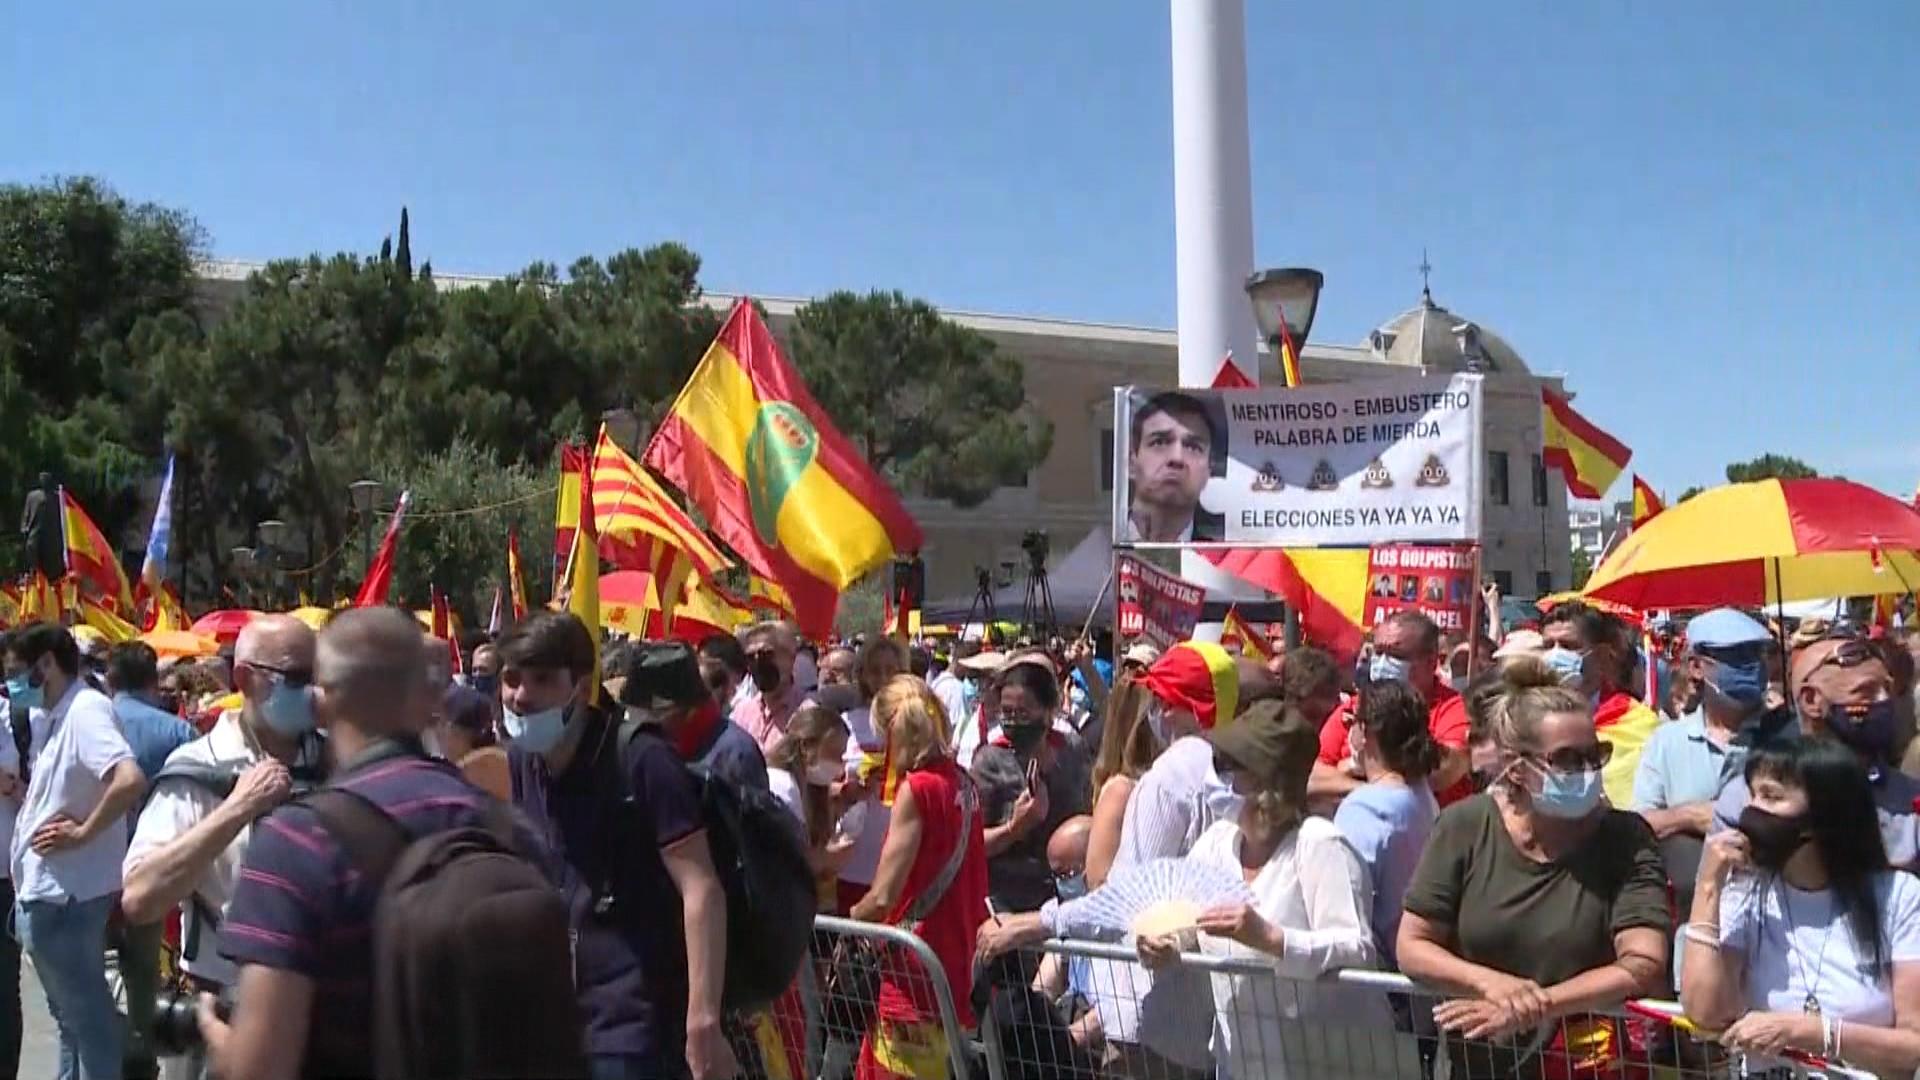 Manifestants+contra+els+indults+als+presos+catalans+omplen+la+pla%C3%A7a+Colon+de+Madrid